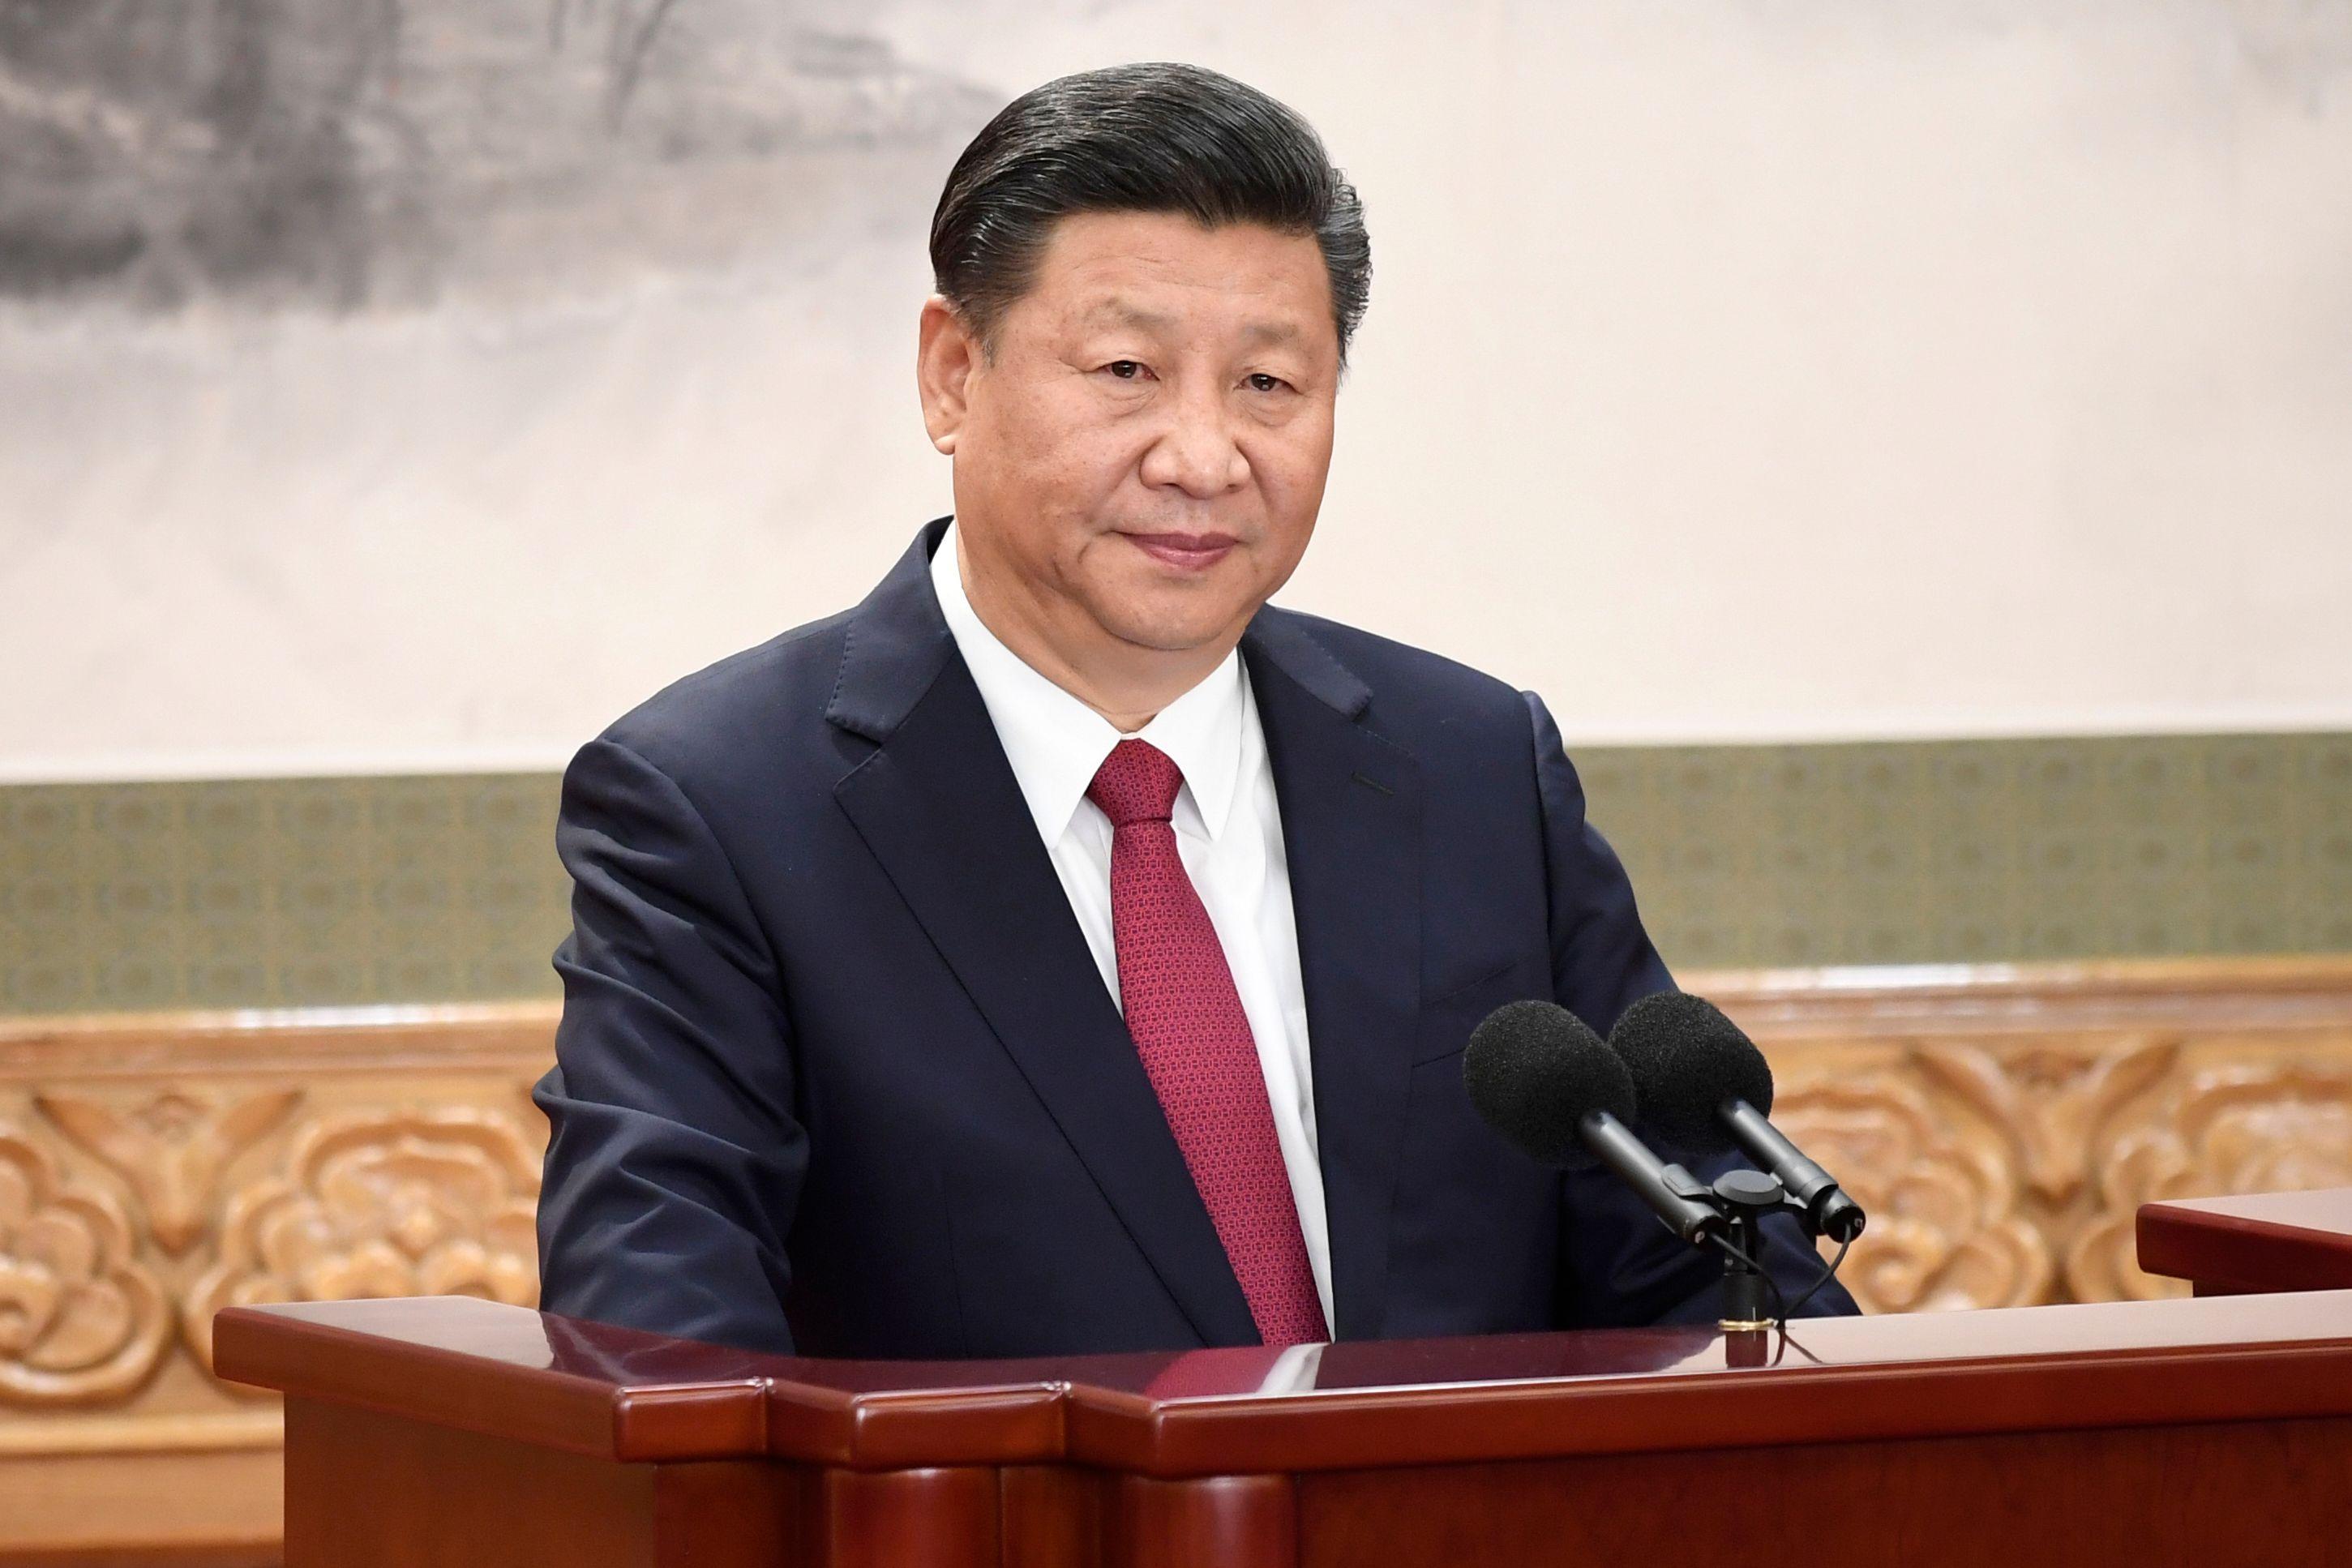 Tiêu điểm - Chân dung dàn lãnh đạo đưa Trung Quốc vào kỷ nguyên mới sau Đại hội Đảng